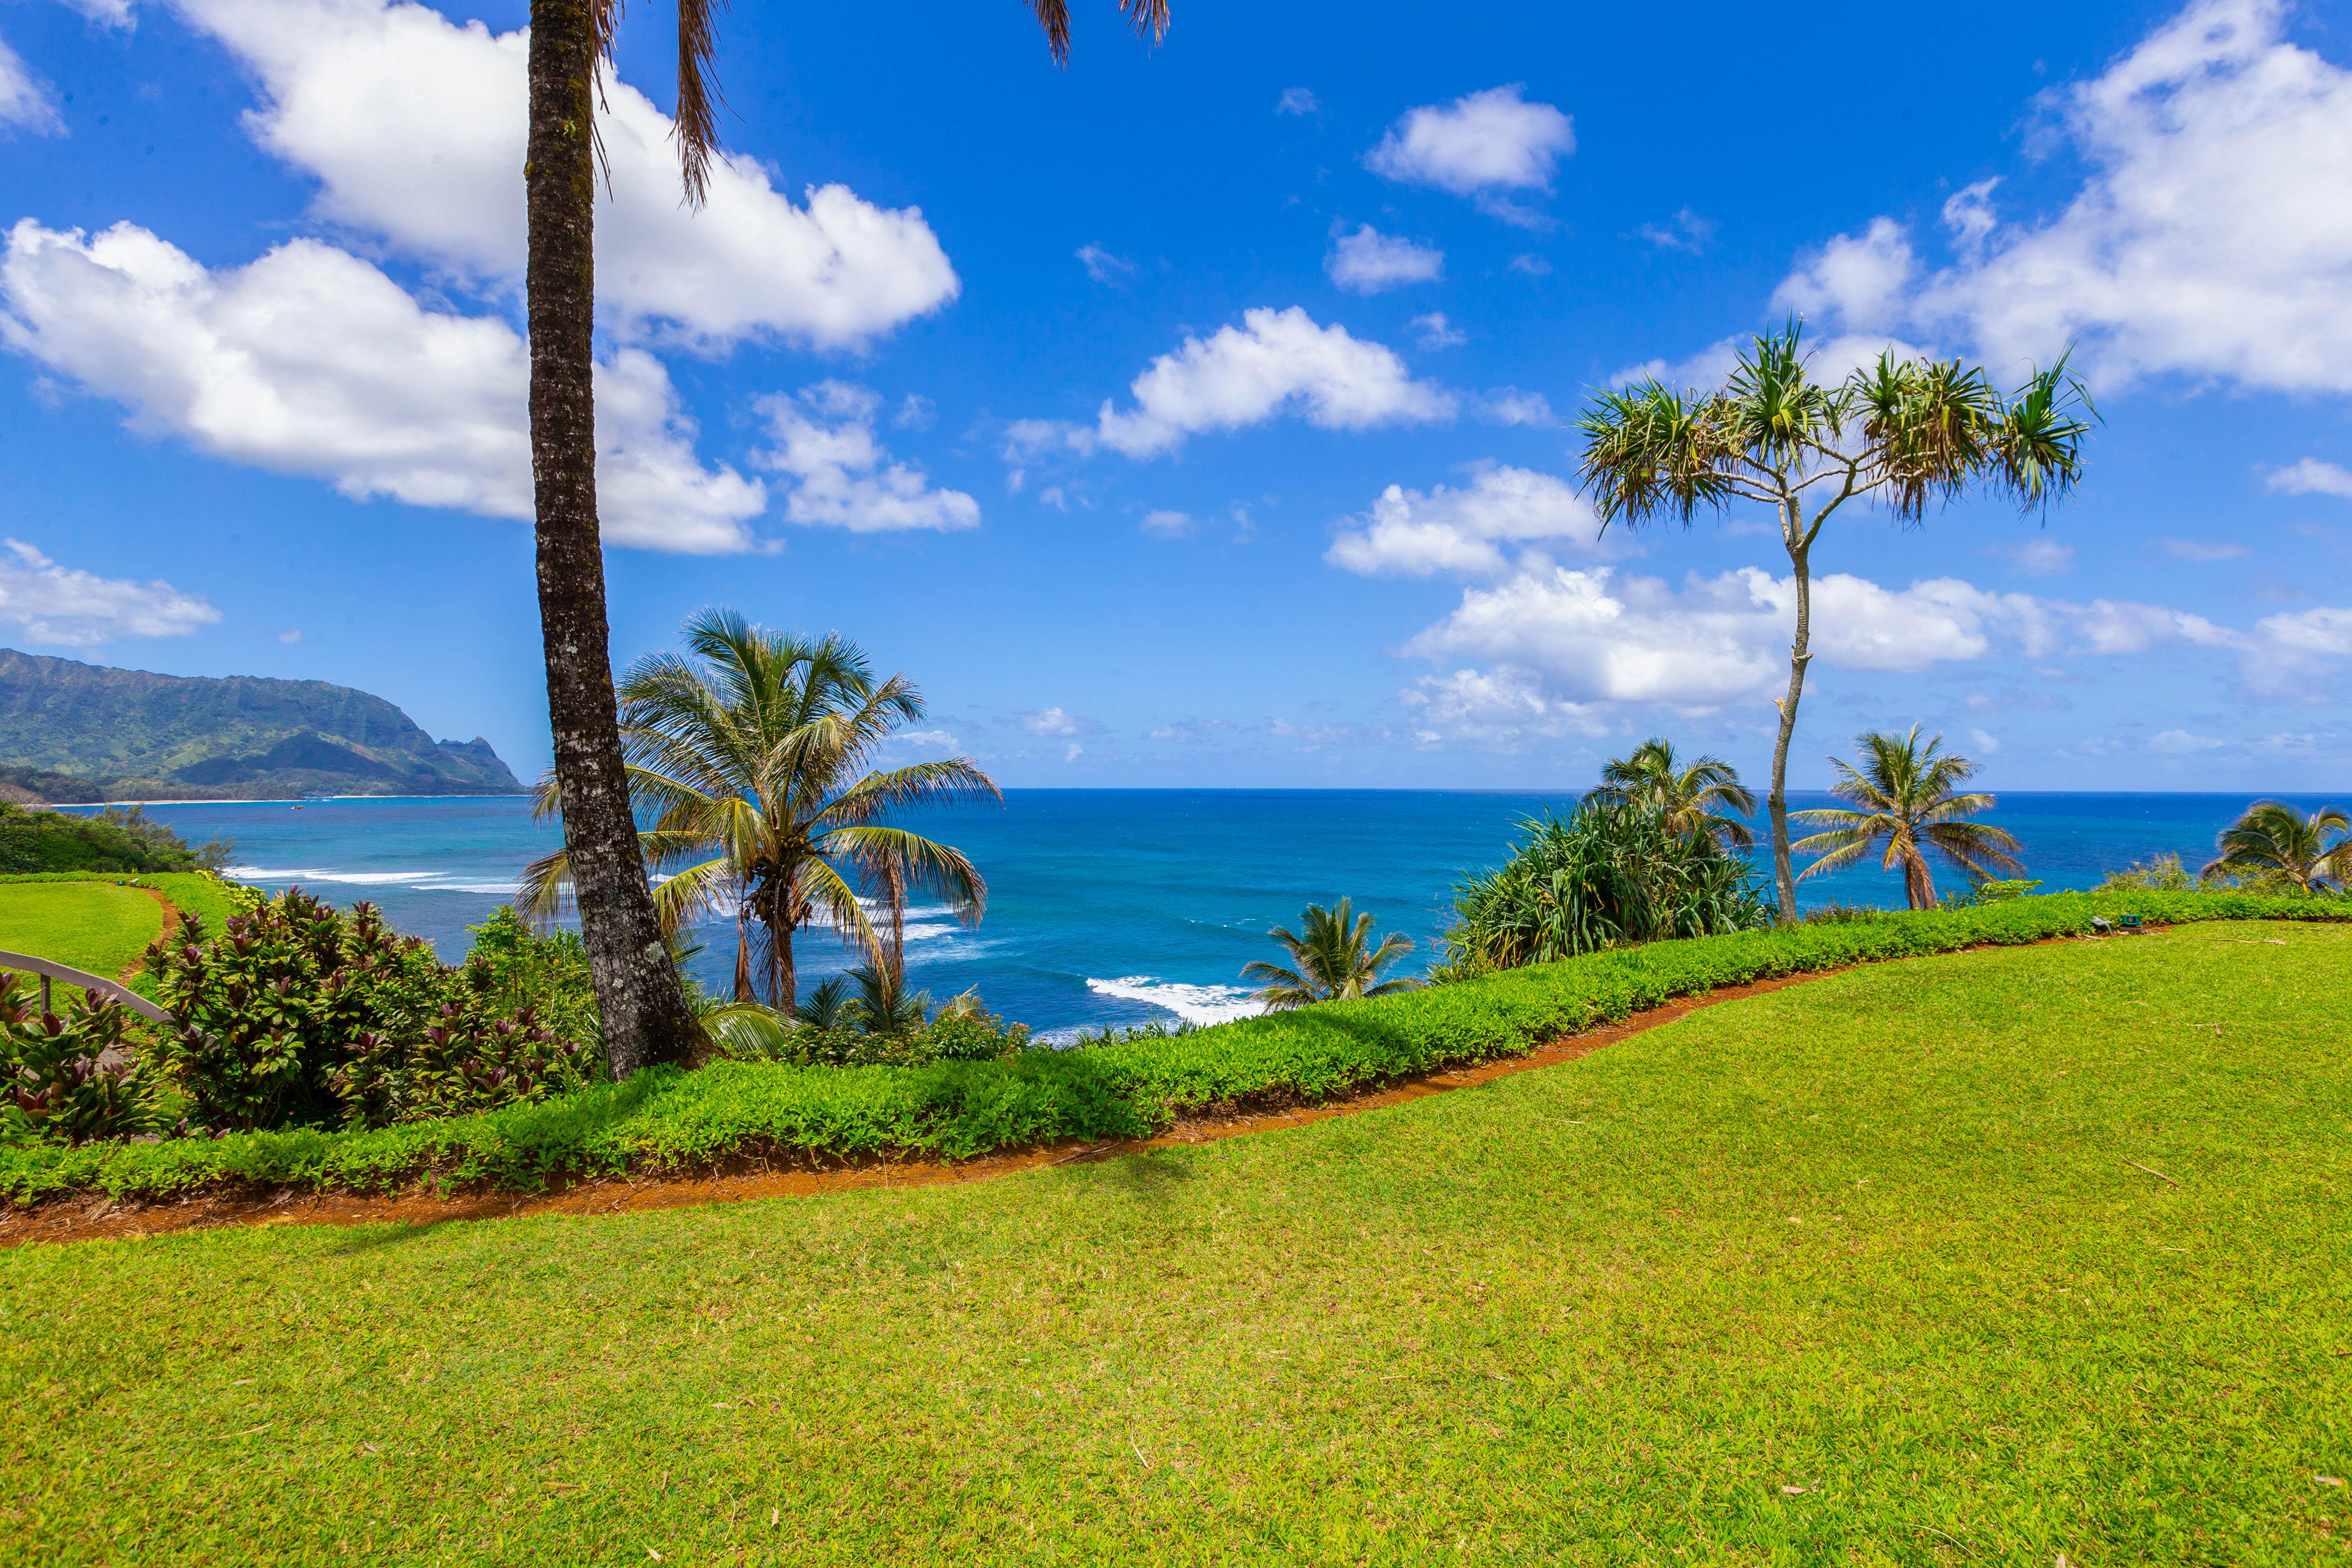 Princeville-vacations Pali Ke Kua 110-005-7-